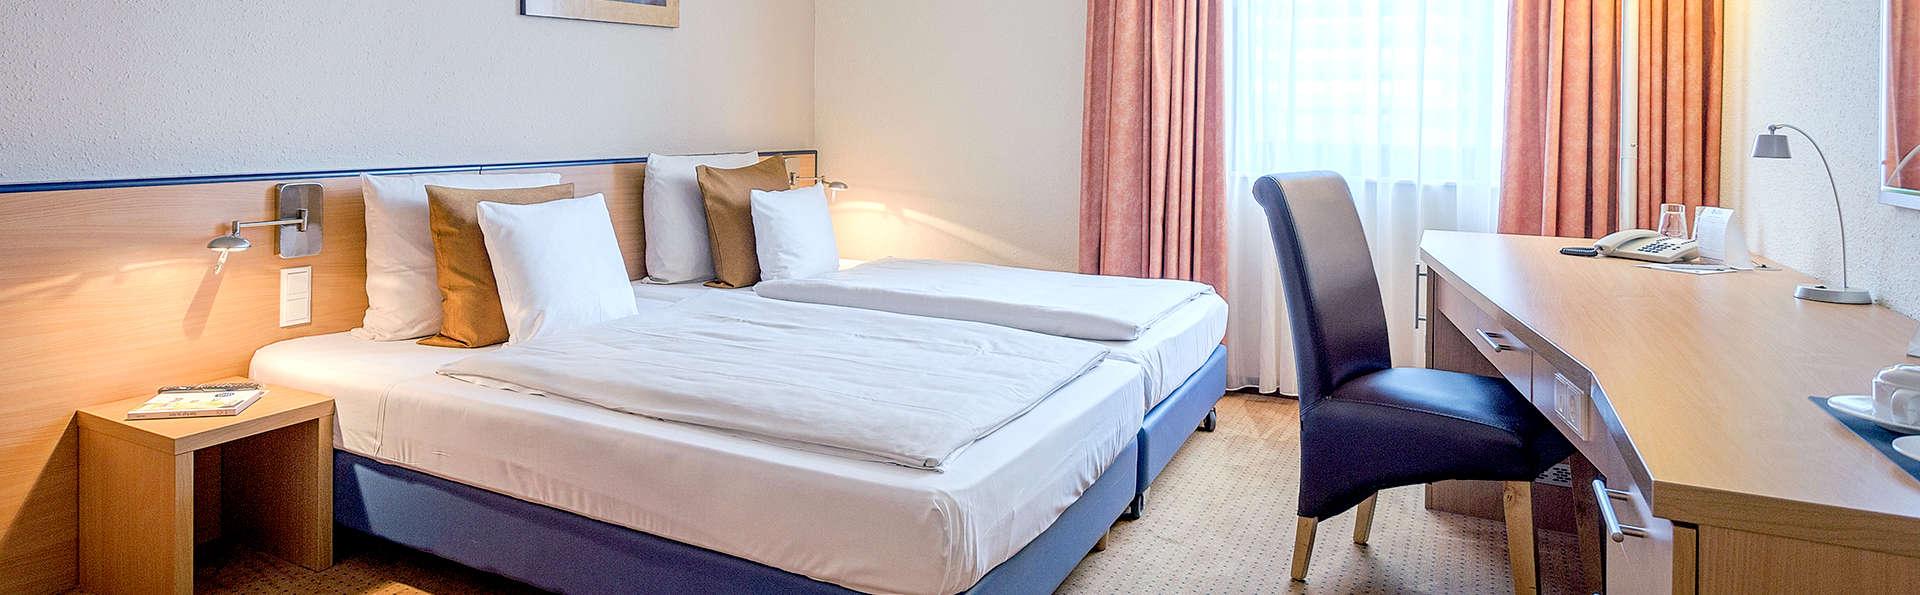 Best Western Macrander Hotel Frankfurt/Kaiserlei - EDIT_NEW_ROOM.jpg